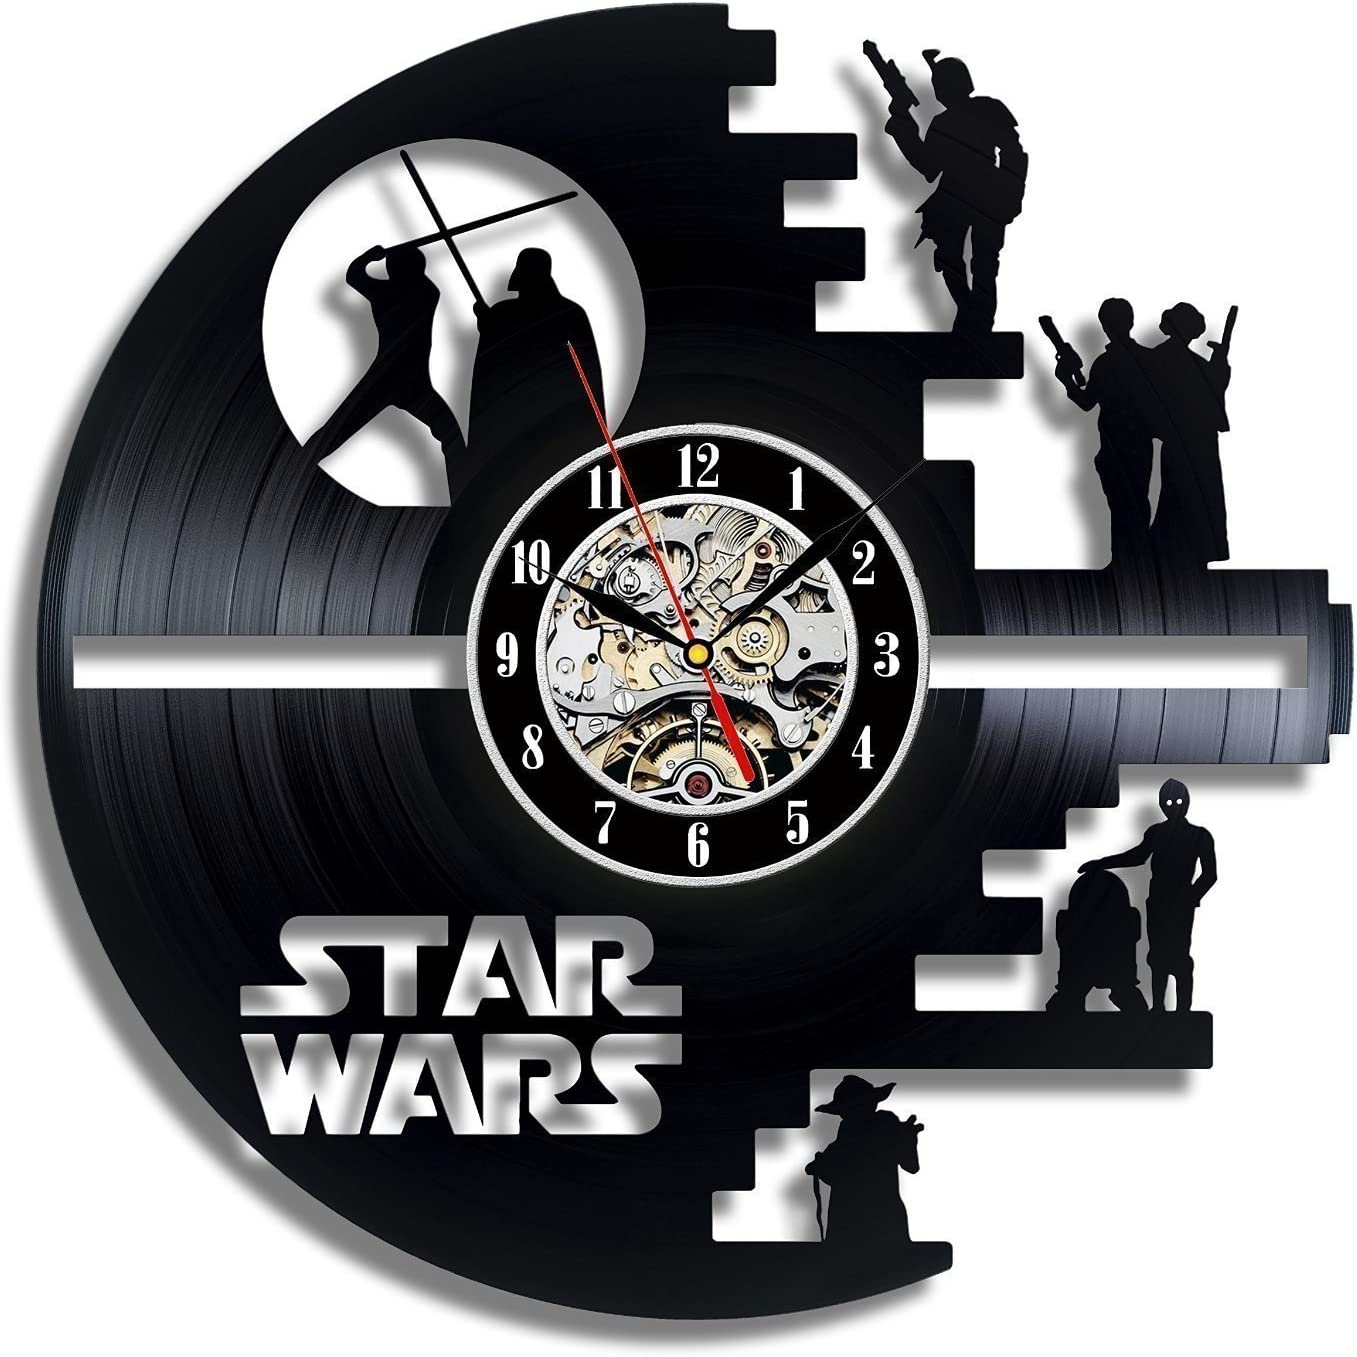 Meet Beauty Ding Vinyl Star Wars Death Star diseñado Reloj de Pared LP Record -Decorate tu hogar con Moderno Grande Darth Vader Classic Vintage Art 30CM Círculo Negro